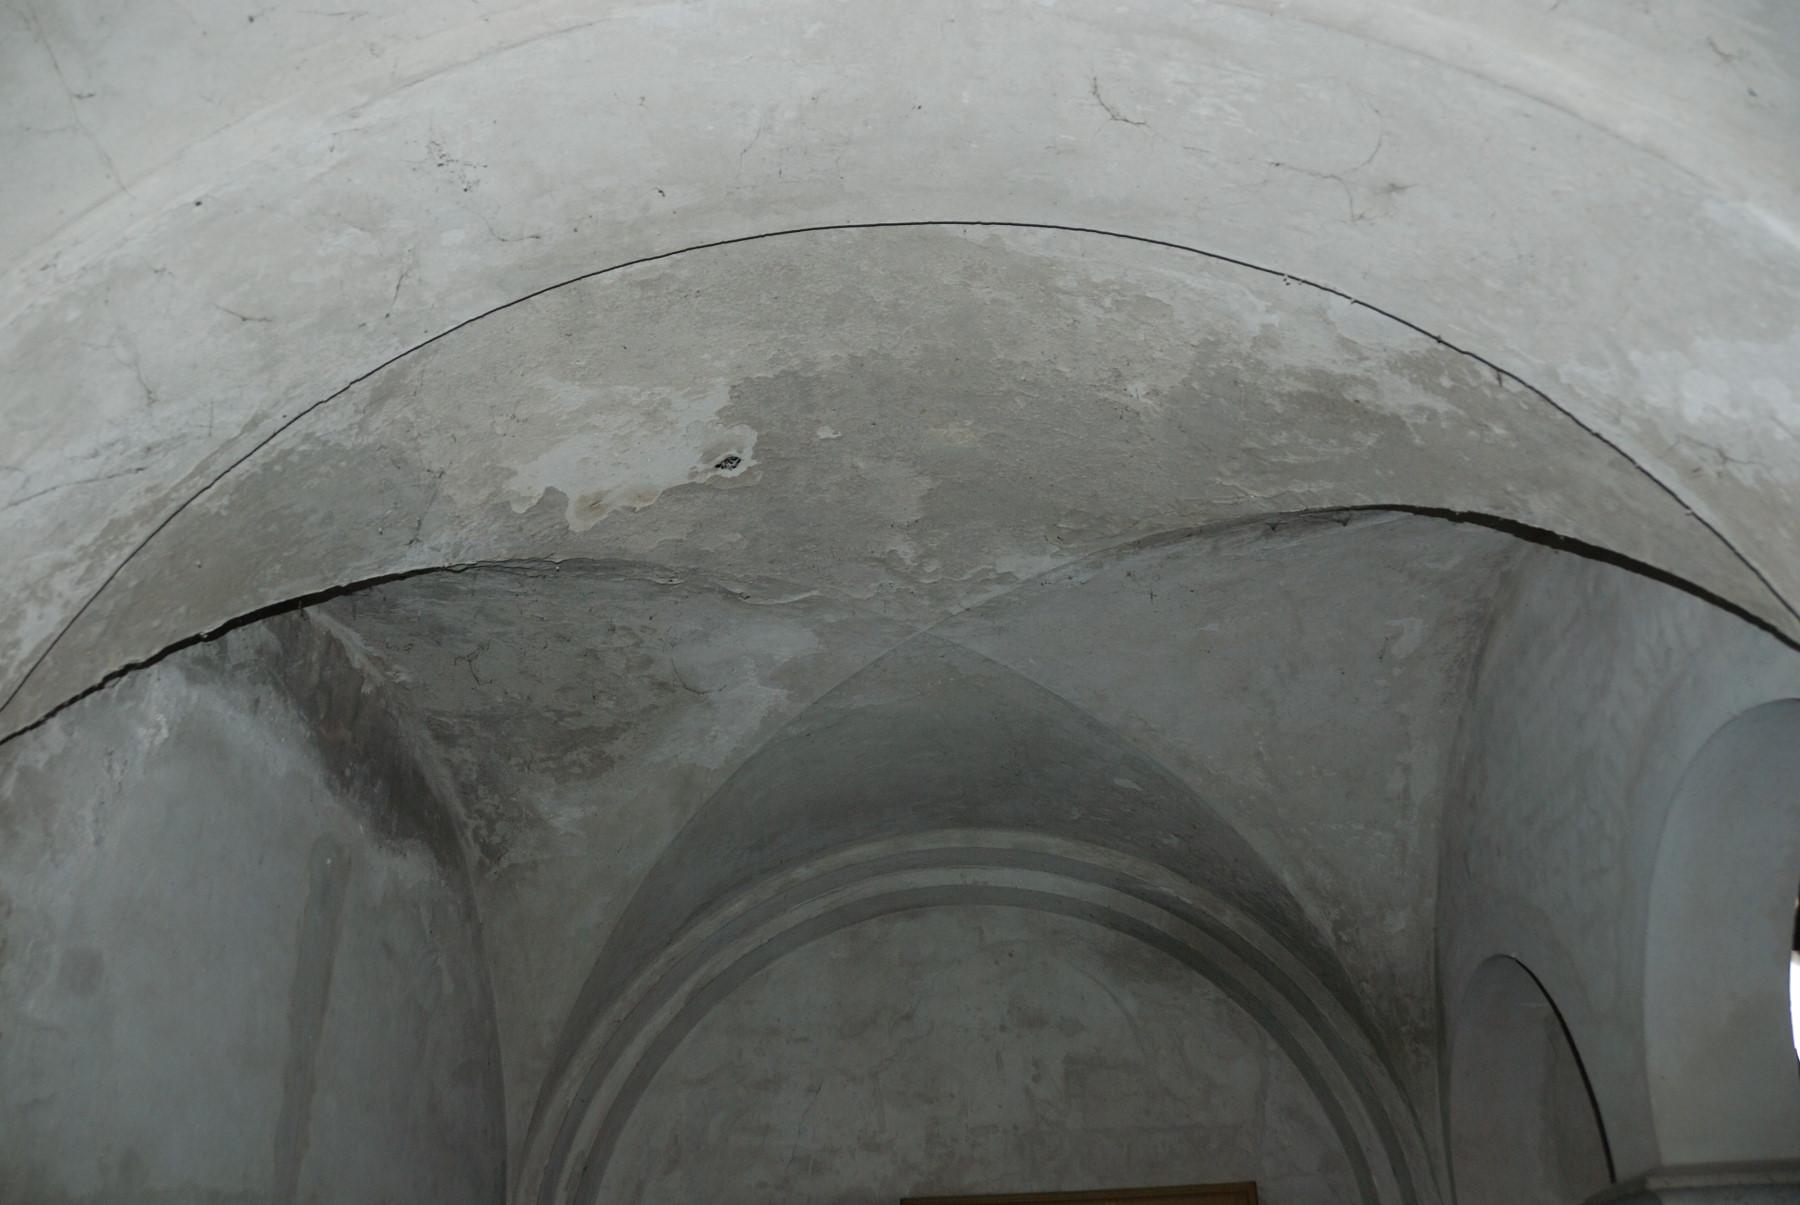 Wasserschäden im Gewölbe